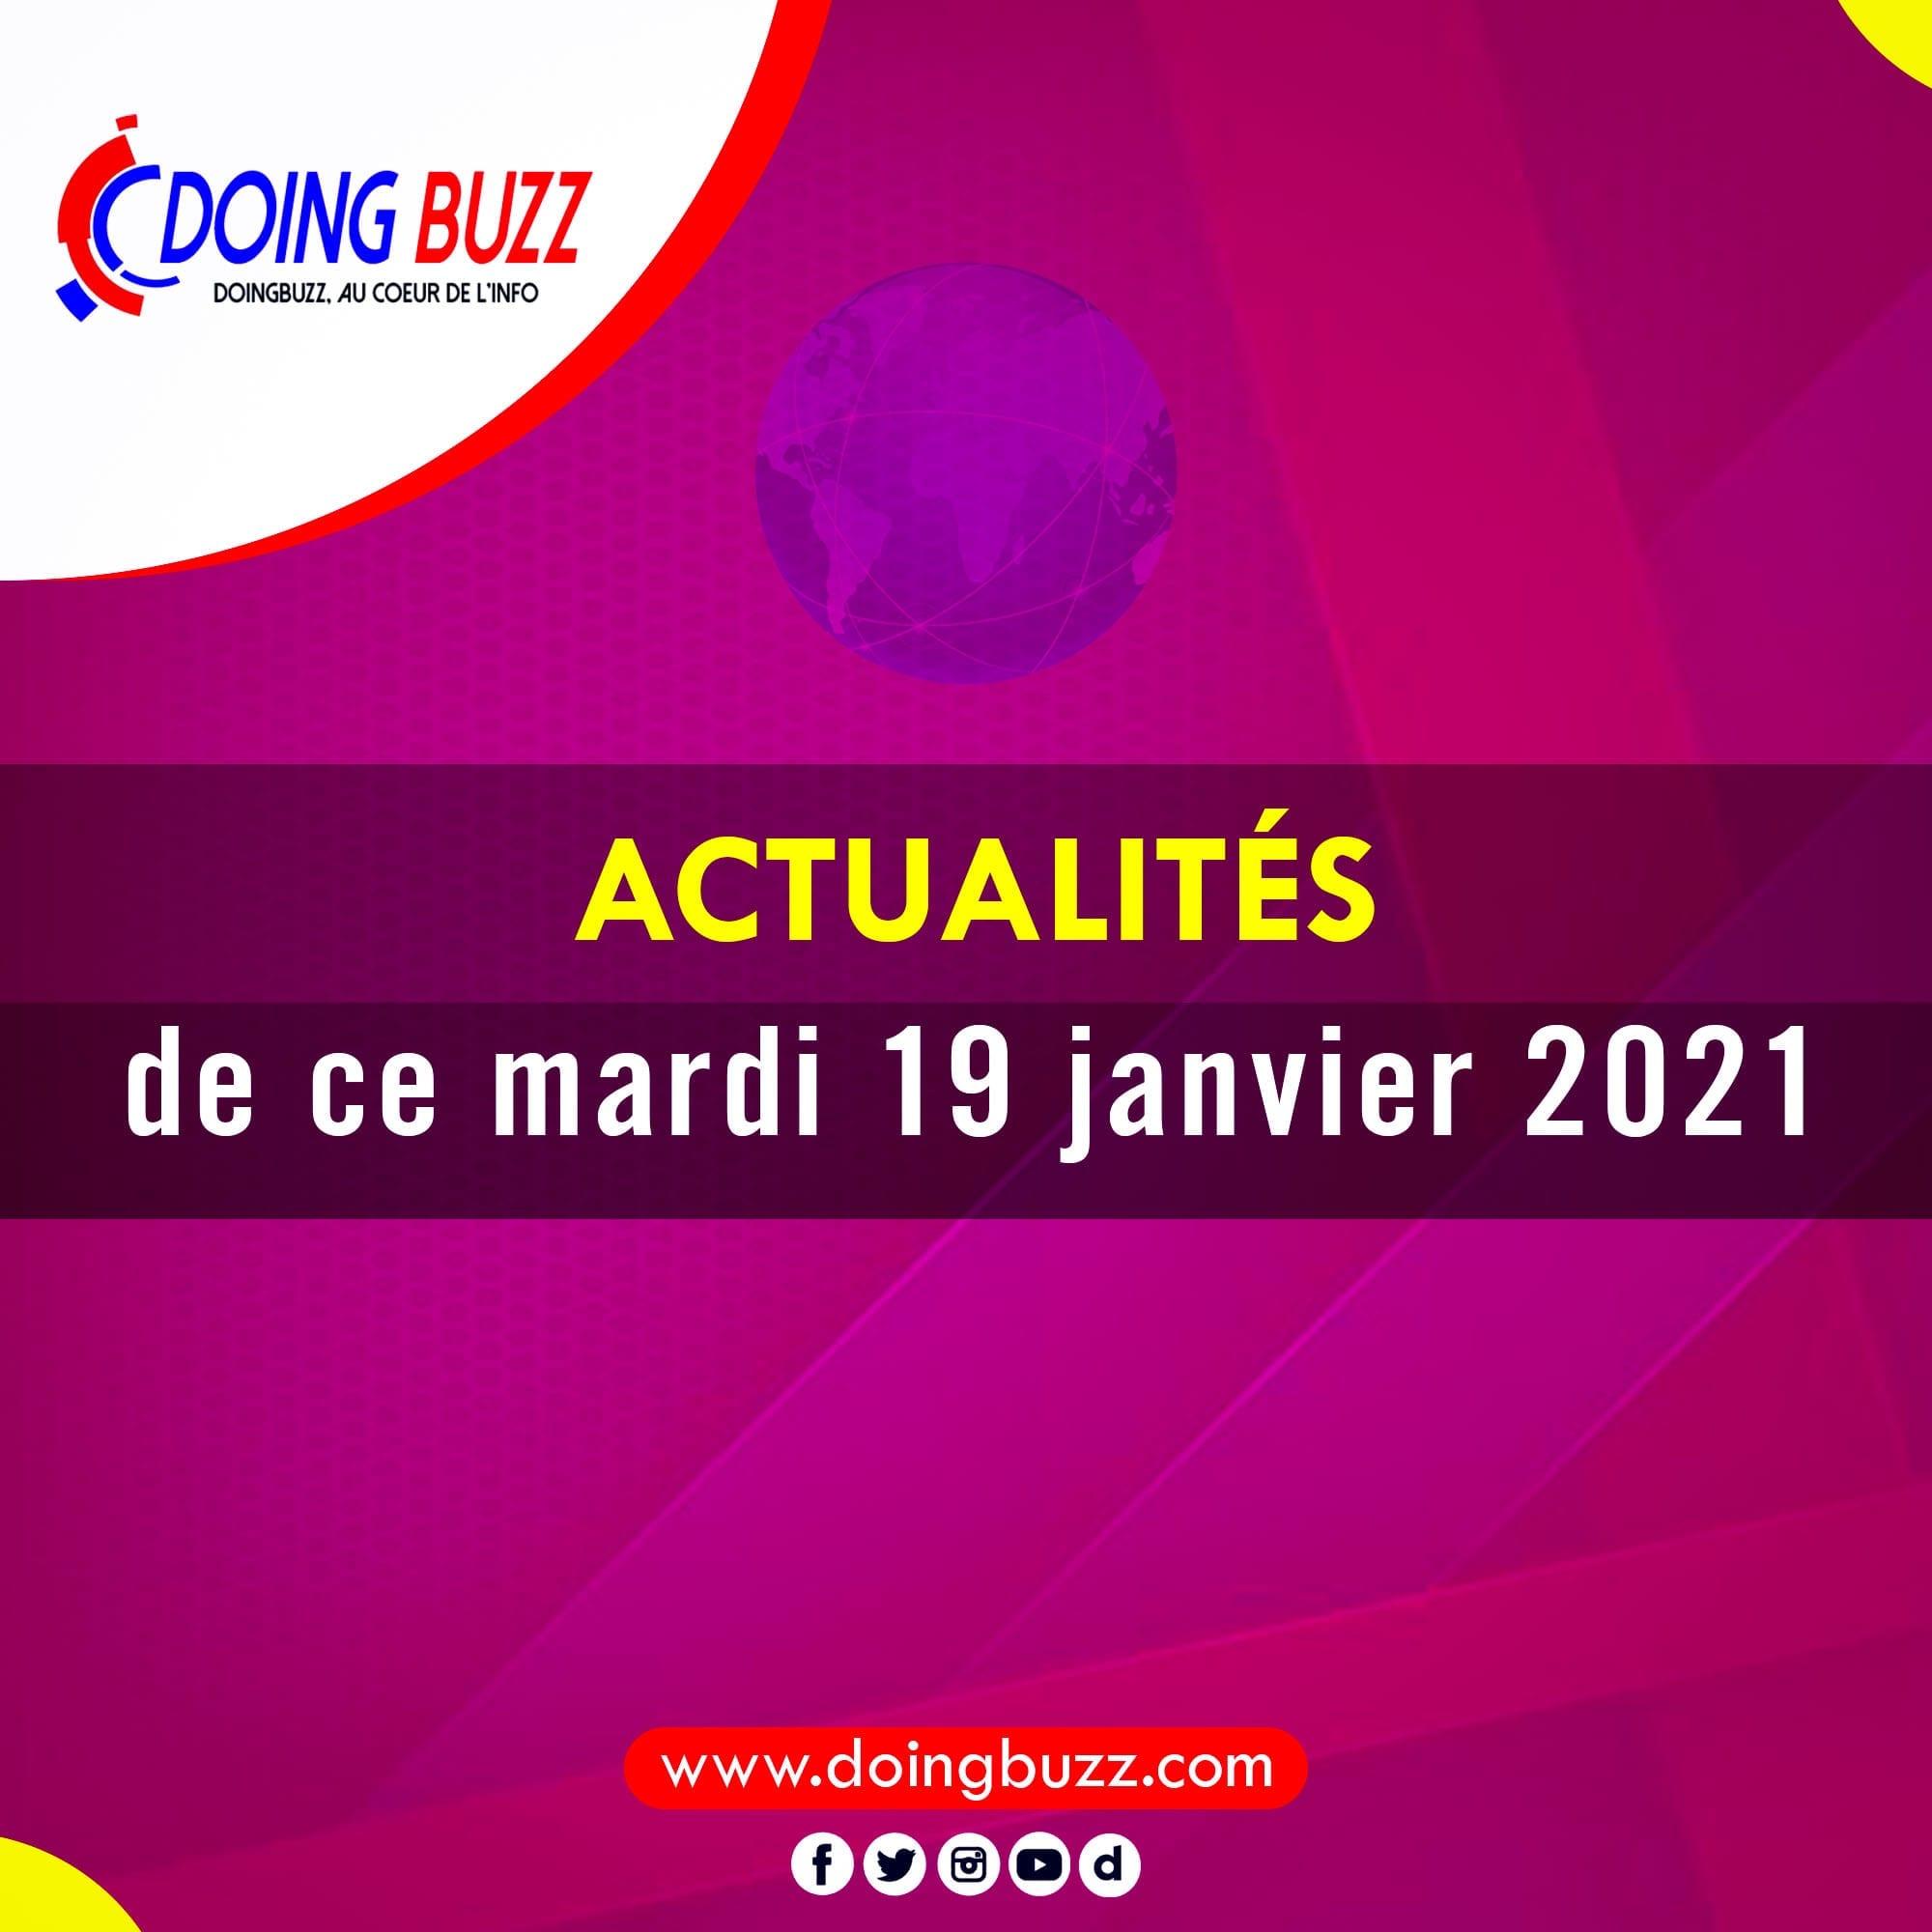 Actualités du jour sur Doingbuzz: Lundi le 19 Janvier 2021